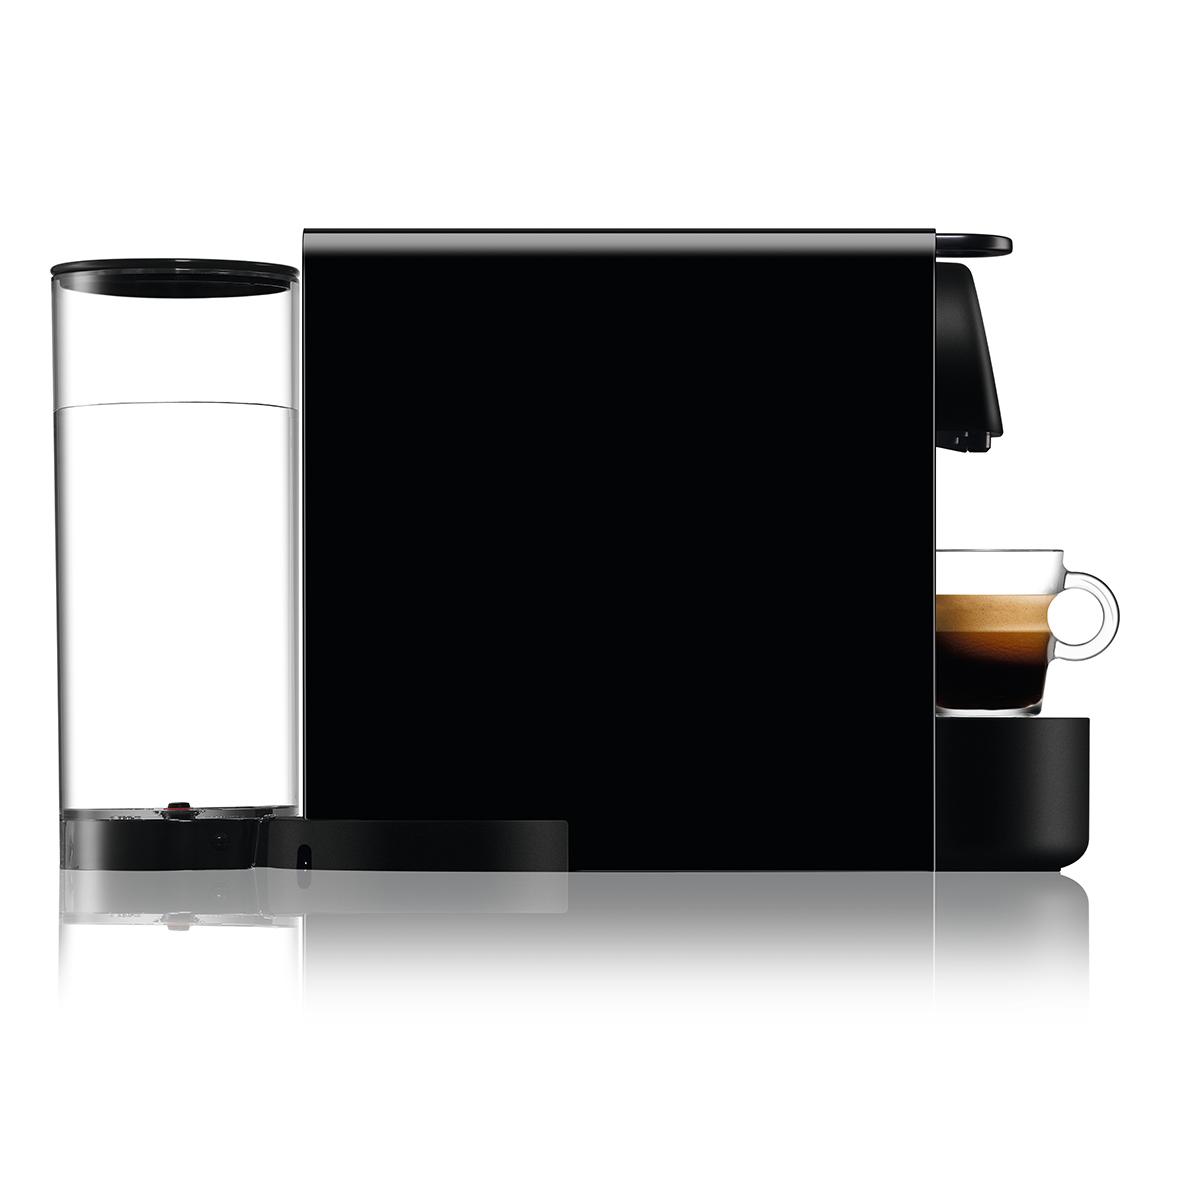 מכונת קפה NESPRESSO Essenza Plus C45 עם מקציף חלב - צבע שחור - תמונה 3